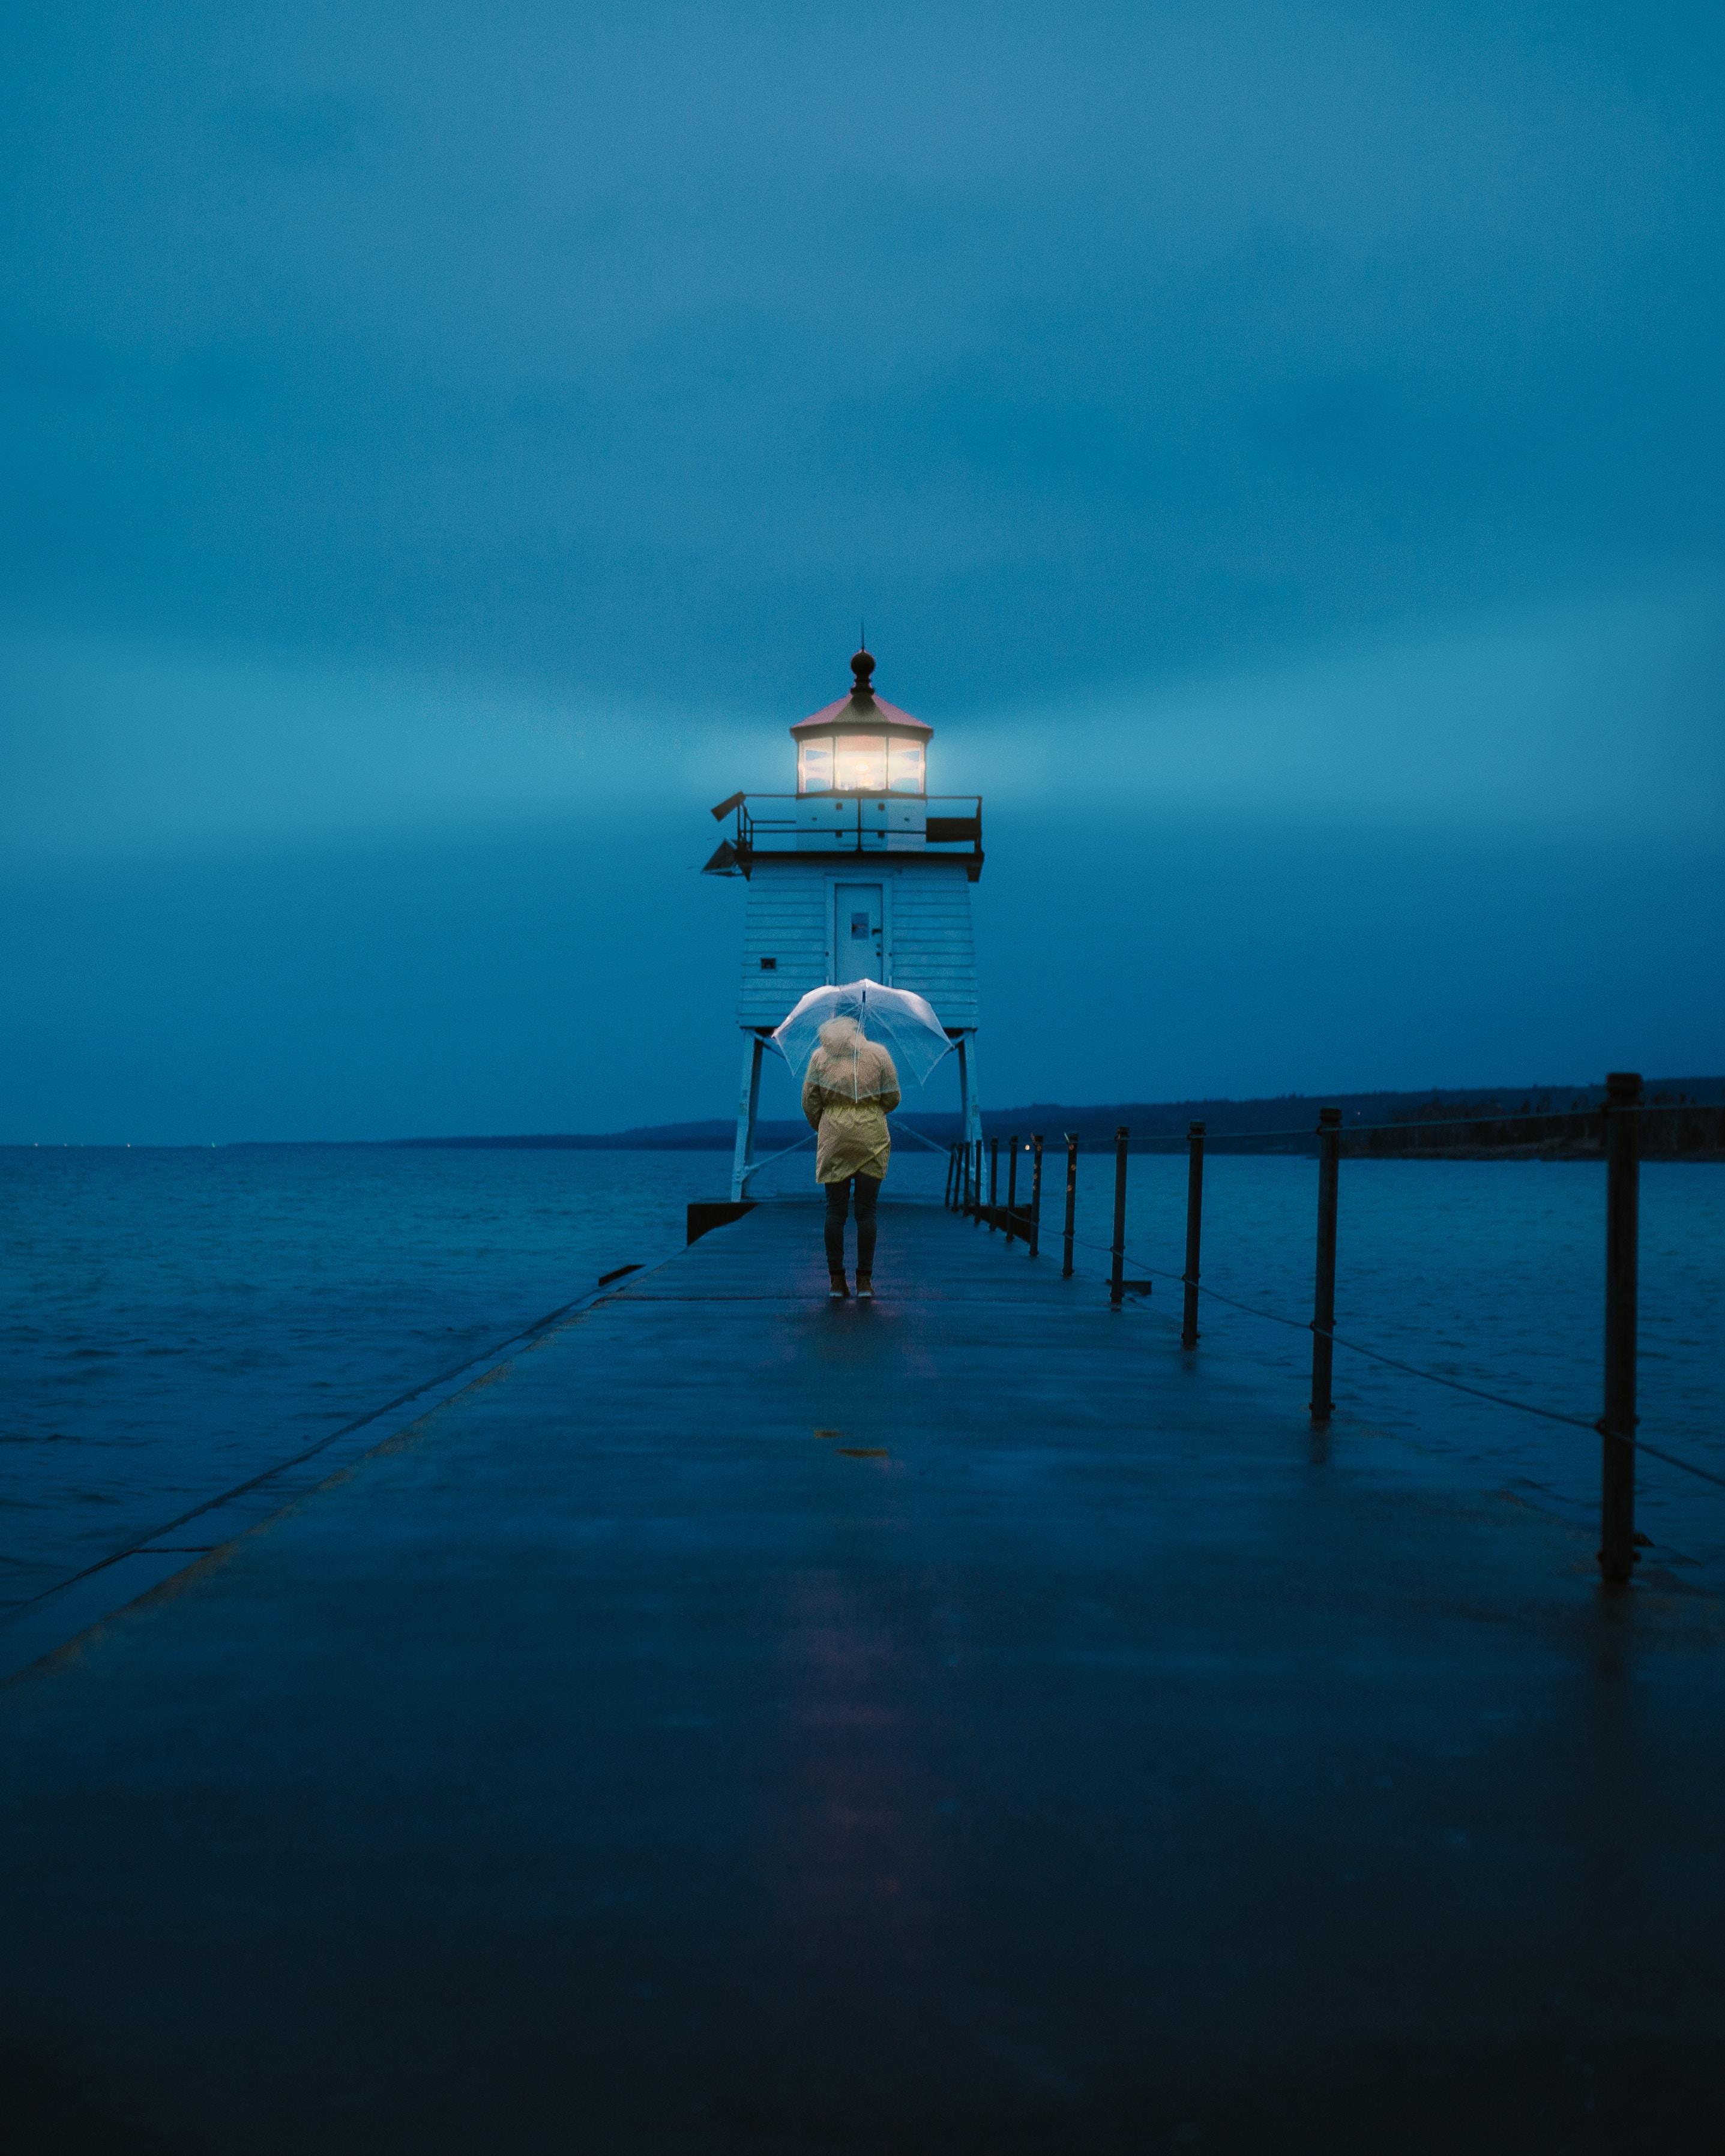 102430壁紙のダウンロードその他, 雑, 橋脚, 埠頭, 人間, 人, 灯台, 傘, 海, 夕暮れ, 薄明-スクリーンセーバーと写真を無料で